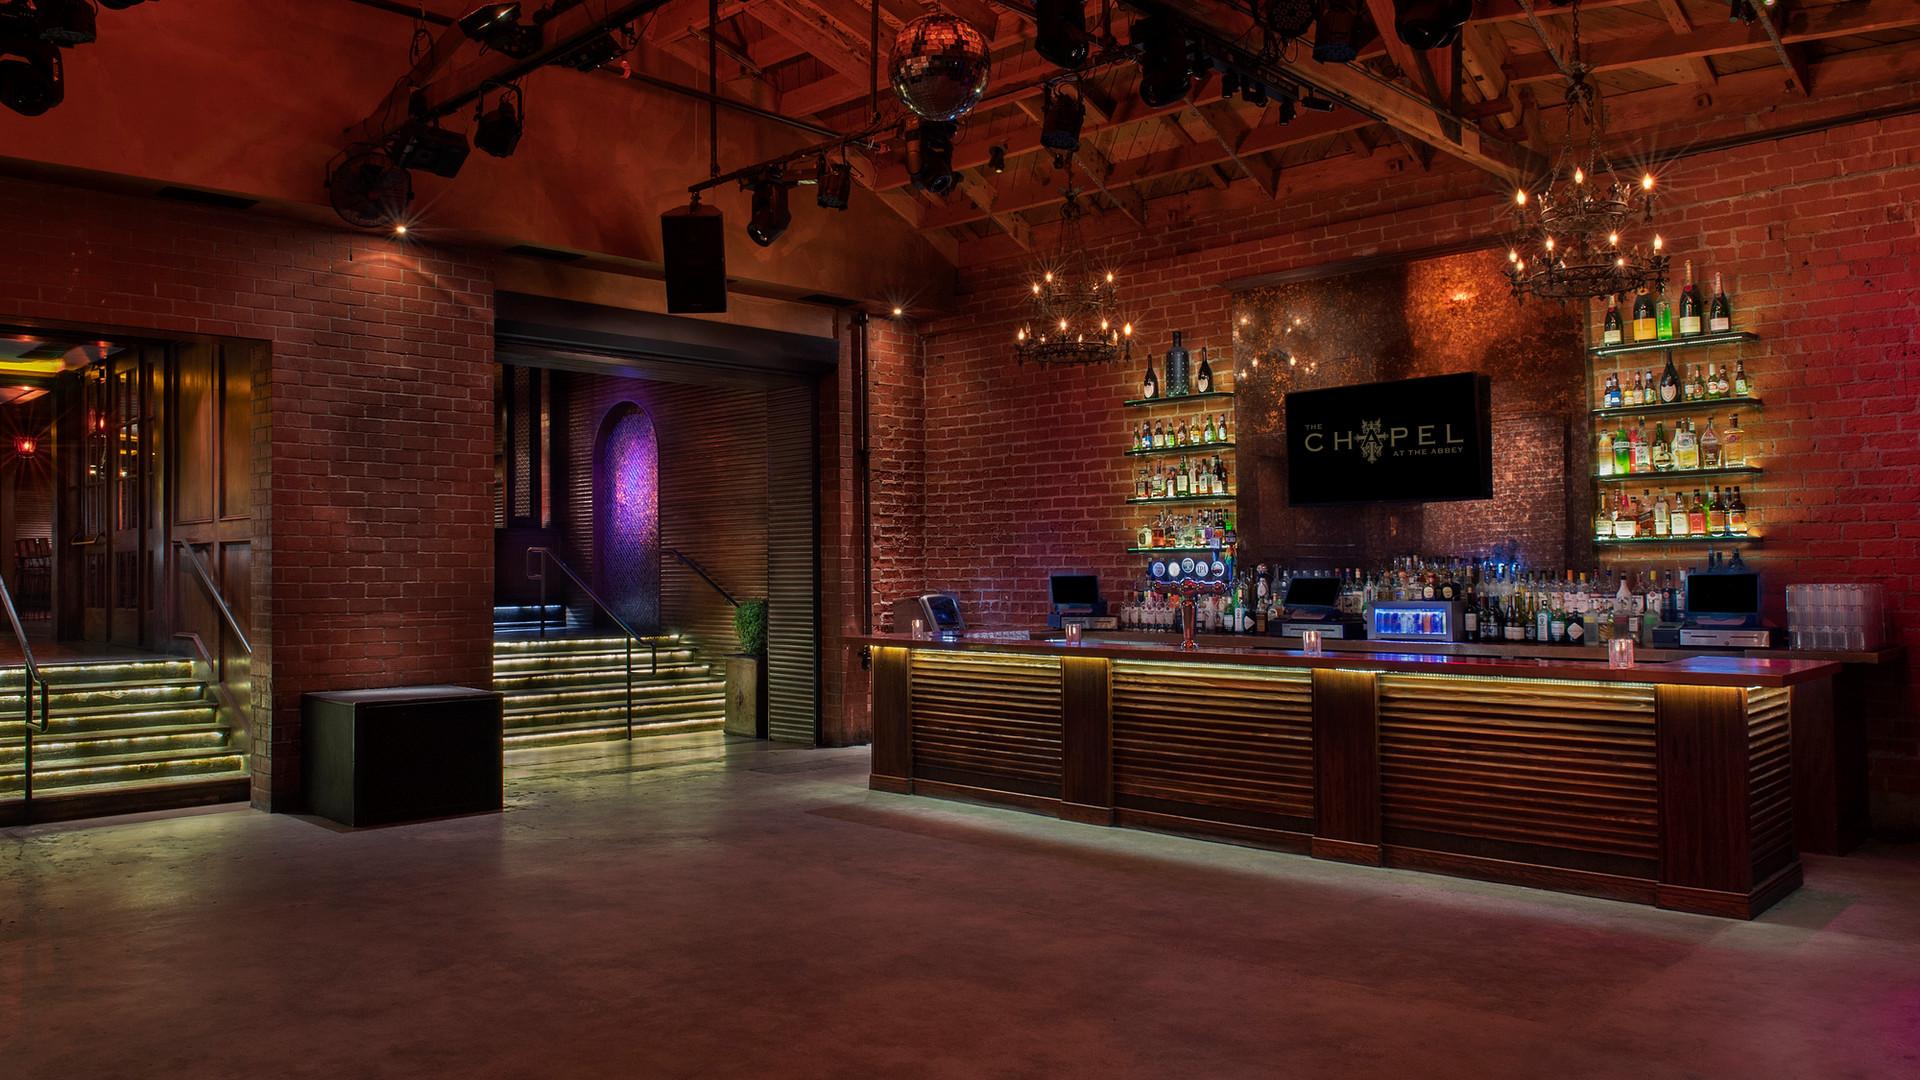 Chapel Dance Floor photo.jpg